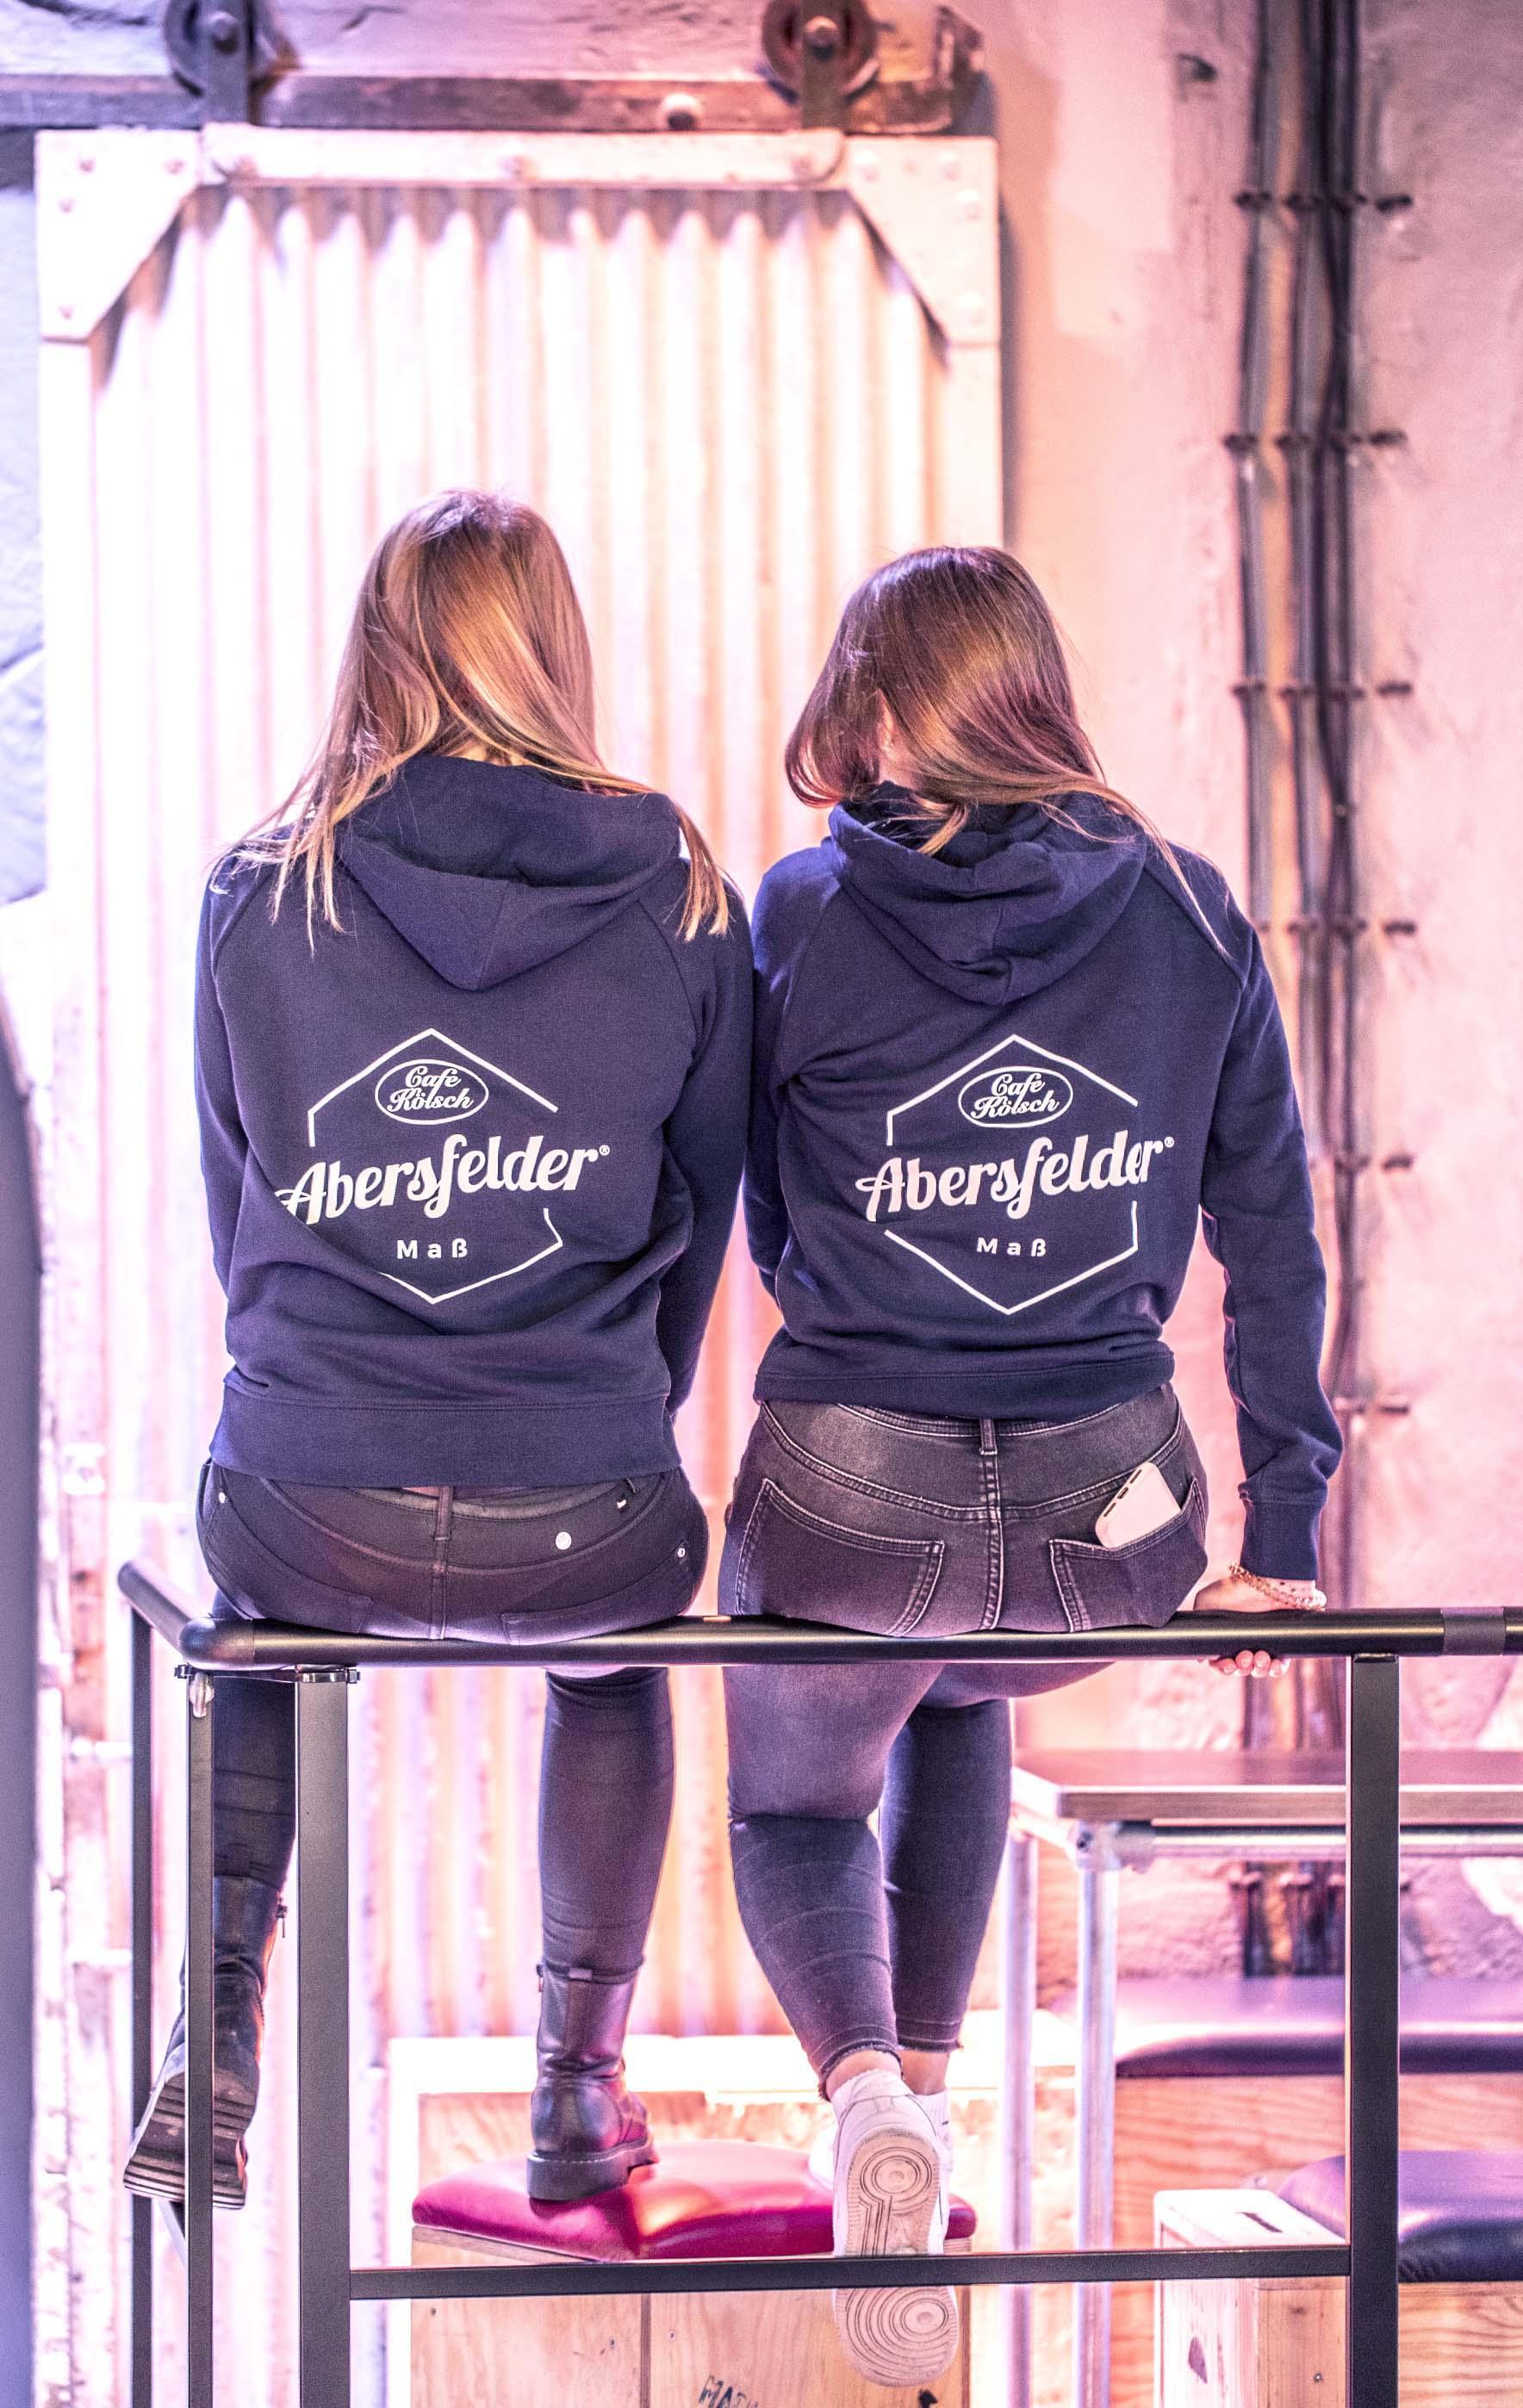 HOODIE ABERSFELDER Maß Frauen - navy